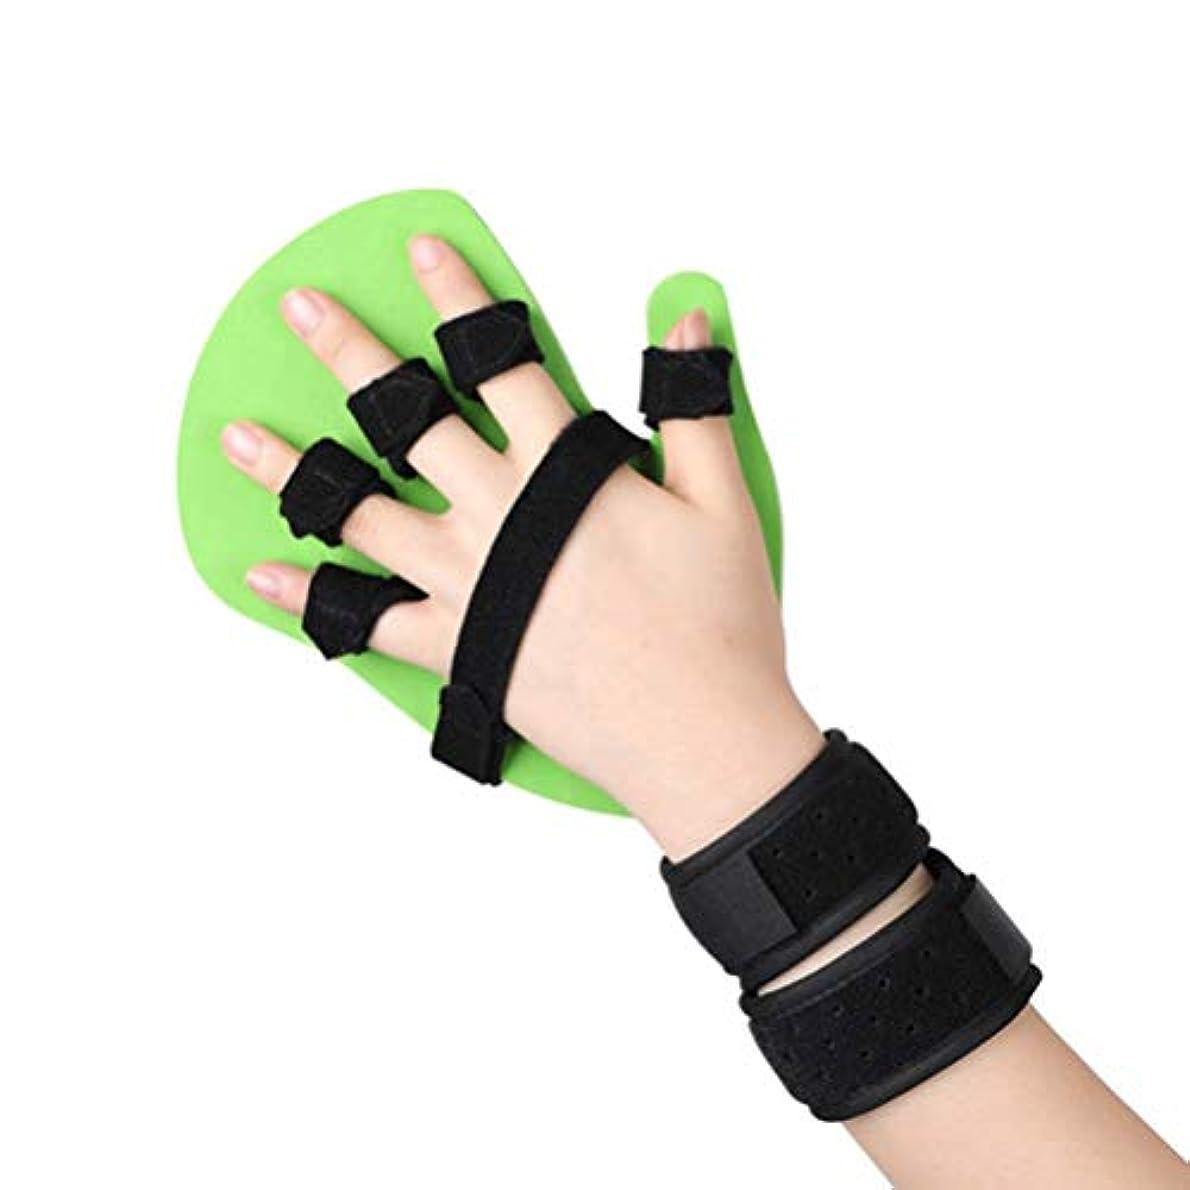 革新損失細部セパレータインソールフィンガートレーニングデバイスフィンガースプリント指、手の手首のトレーニング装具デバイスブレースサポート攣縮拡張ボードスプリント脳卒中片麻痺、左右の手指 (Color : Right, Size : L)